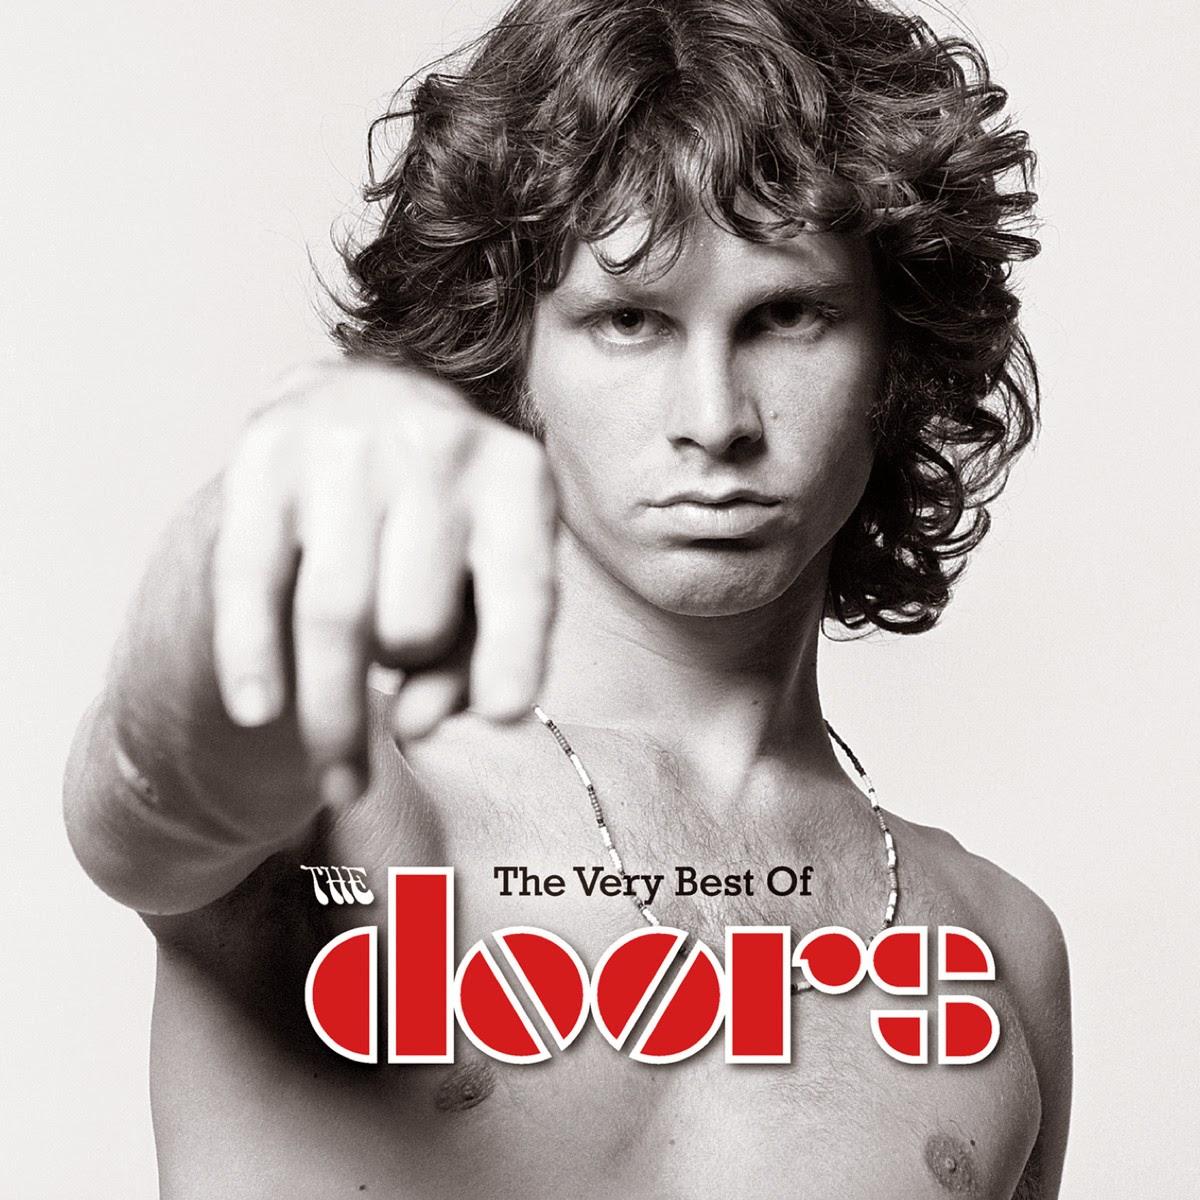 The Doors - The Very Best of the Doors